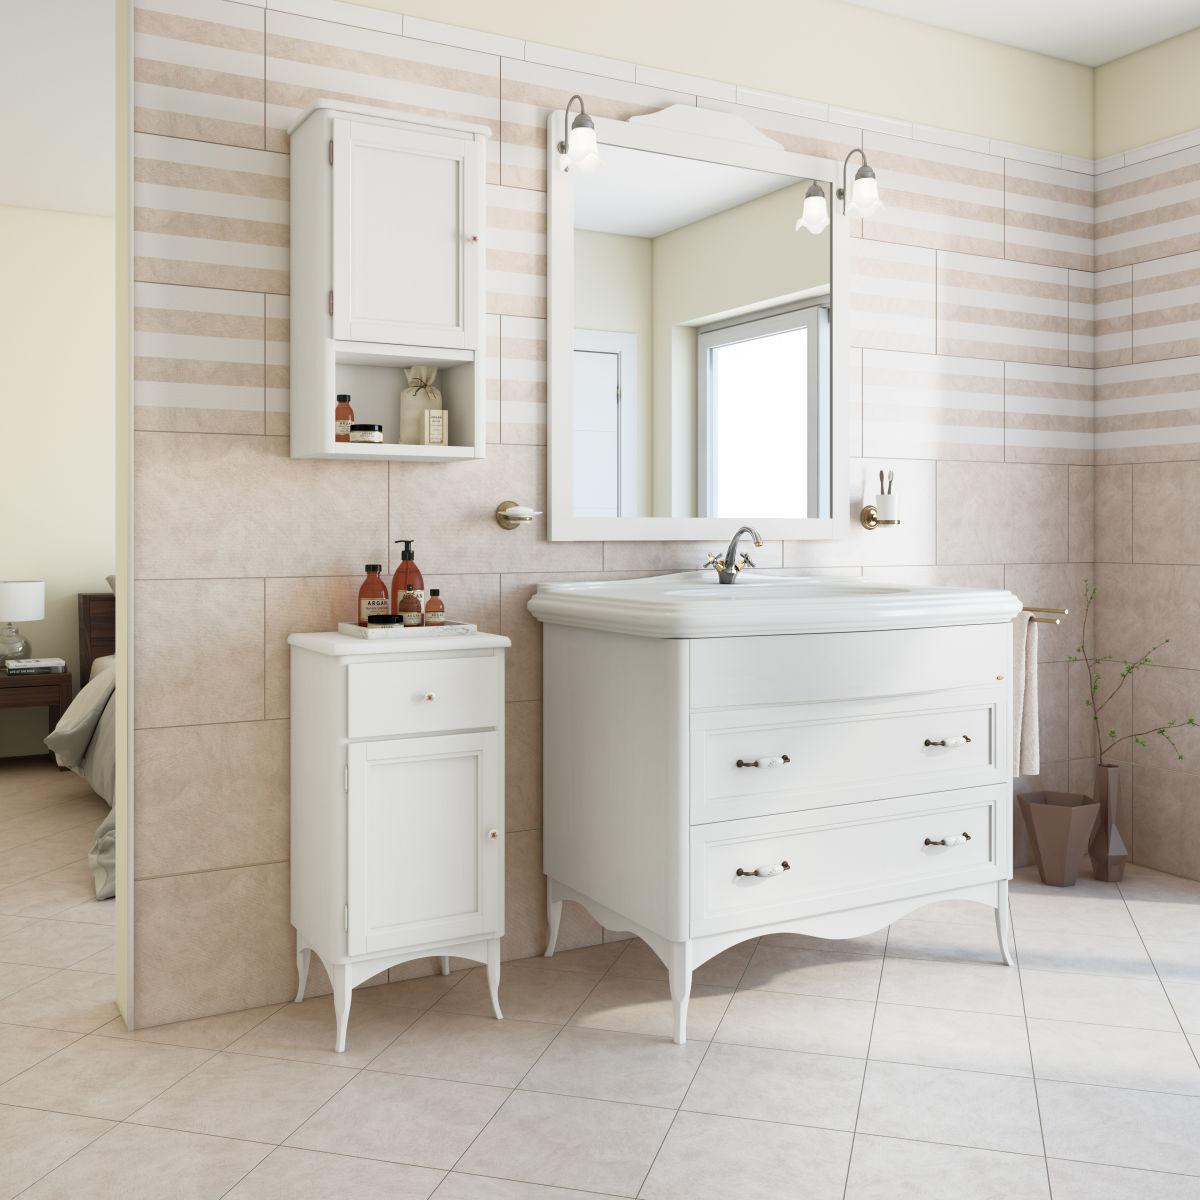 Mobiletti per bagni bagni mondo convenienza catalogo foto - Mobili bagno immagini ...